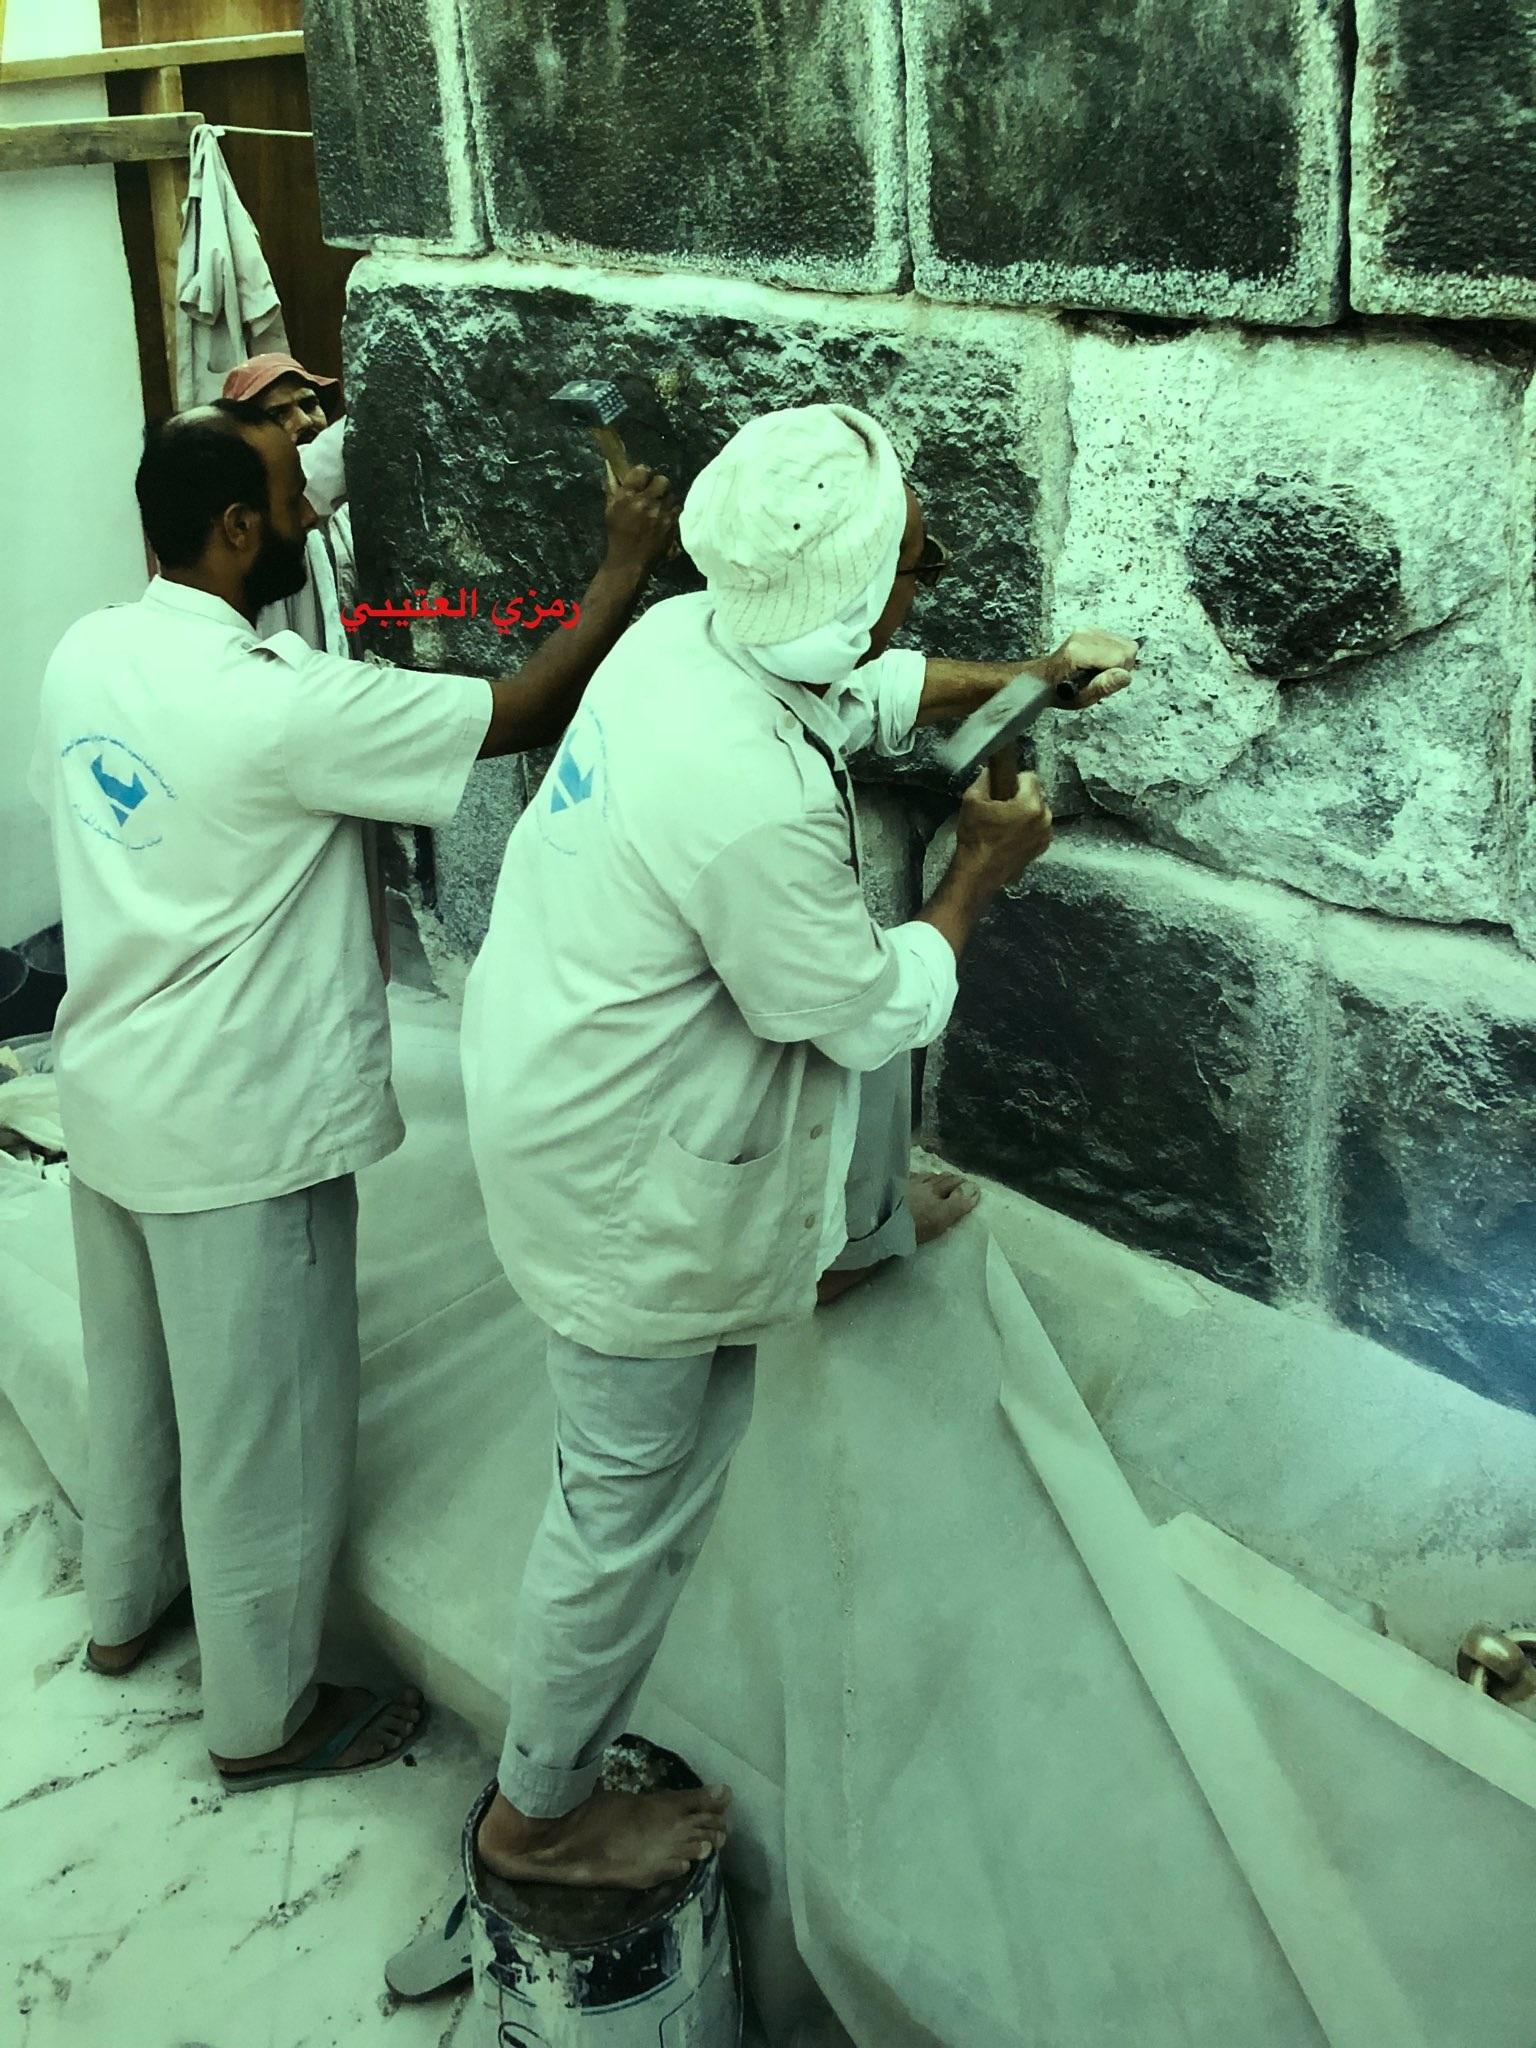 ترميم وتدعيم أحجار الجدران الخارجية للكعبة